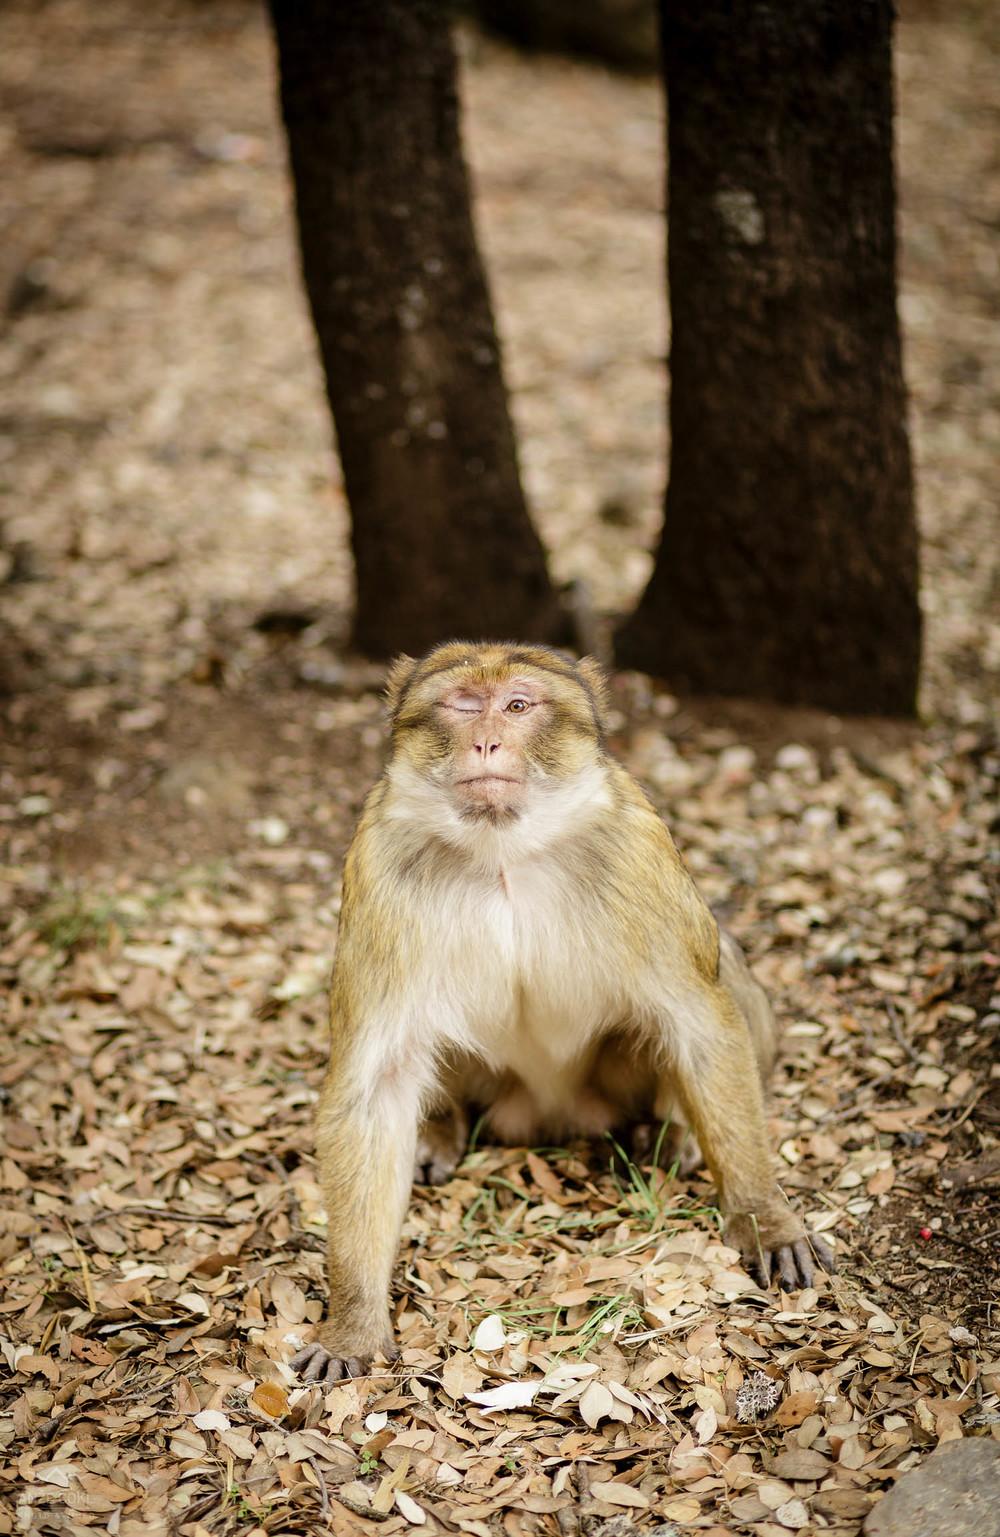 Majmunov povsod preveč!